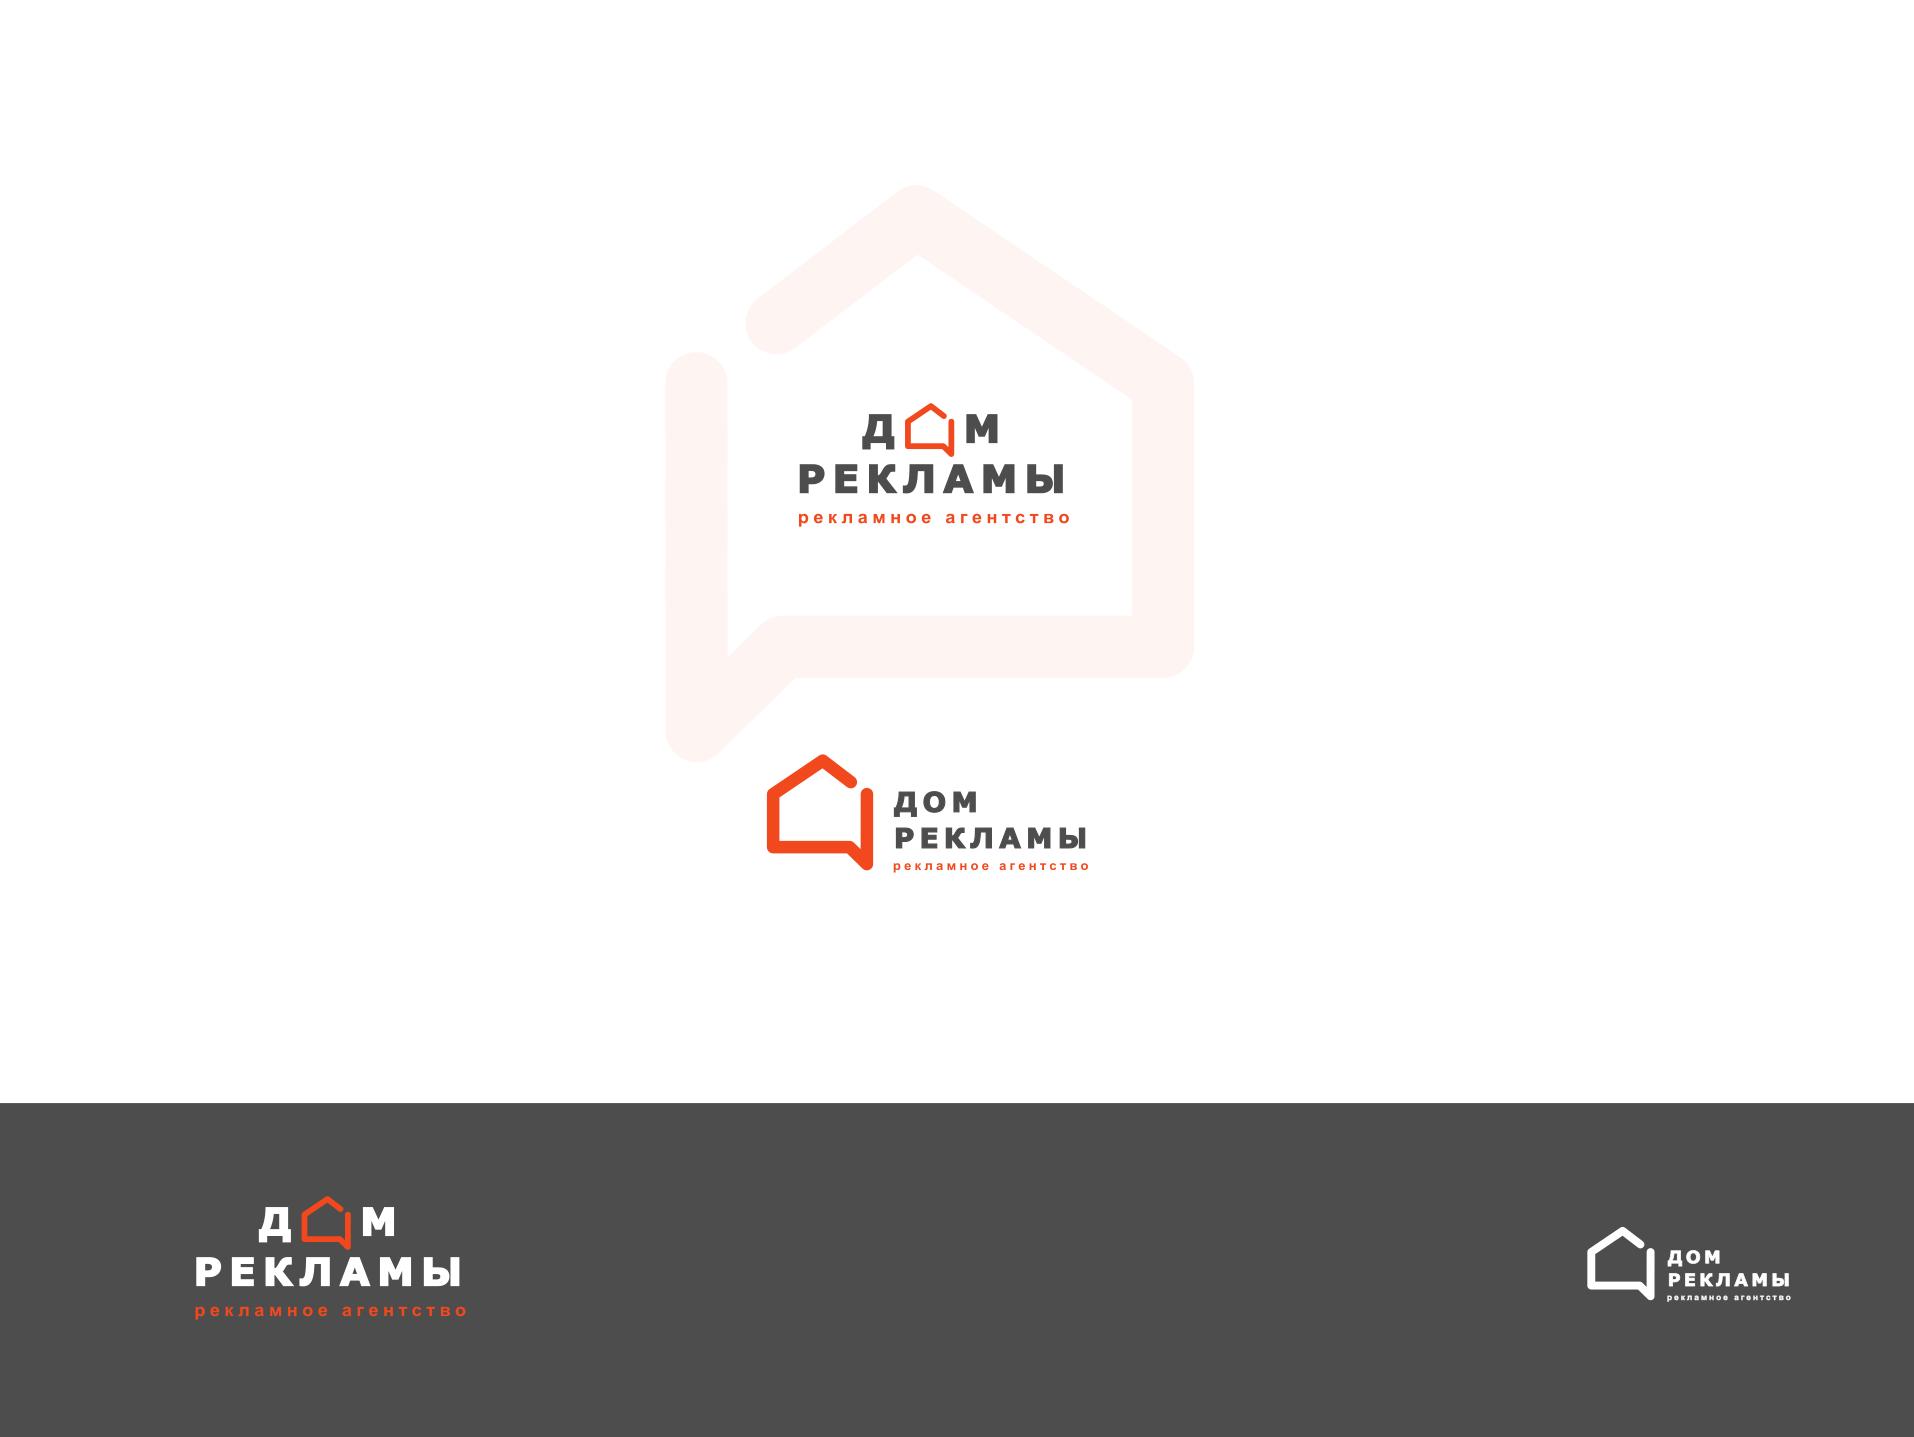 Дизайн логотипа рекламно-производственной компании фото f_8755eda4d514332f.png